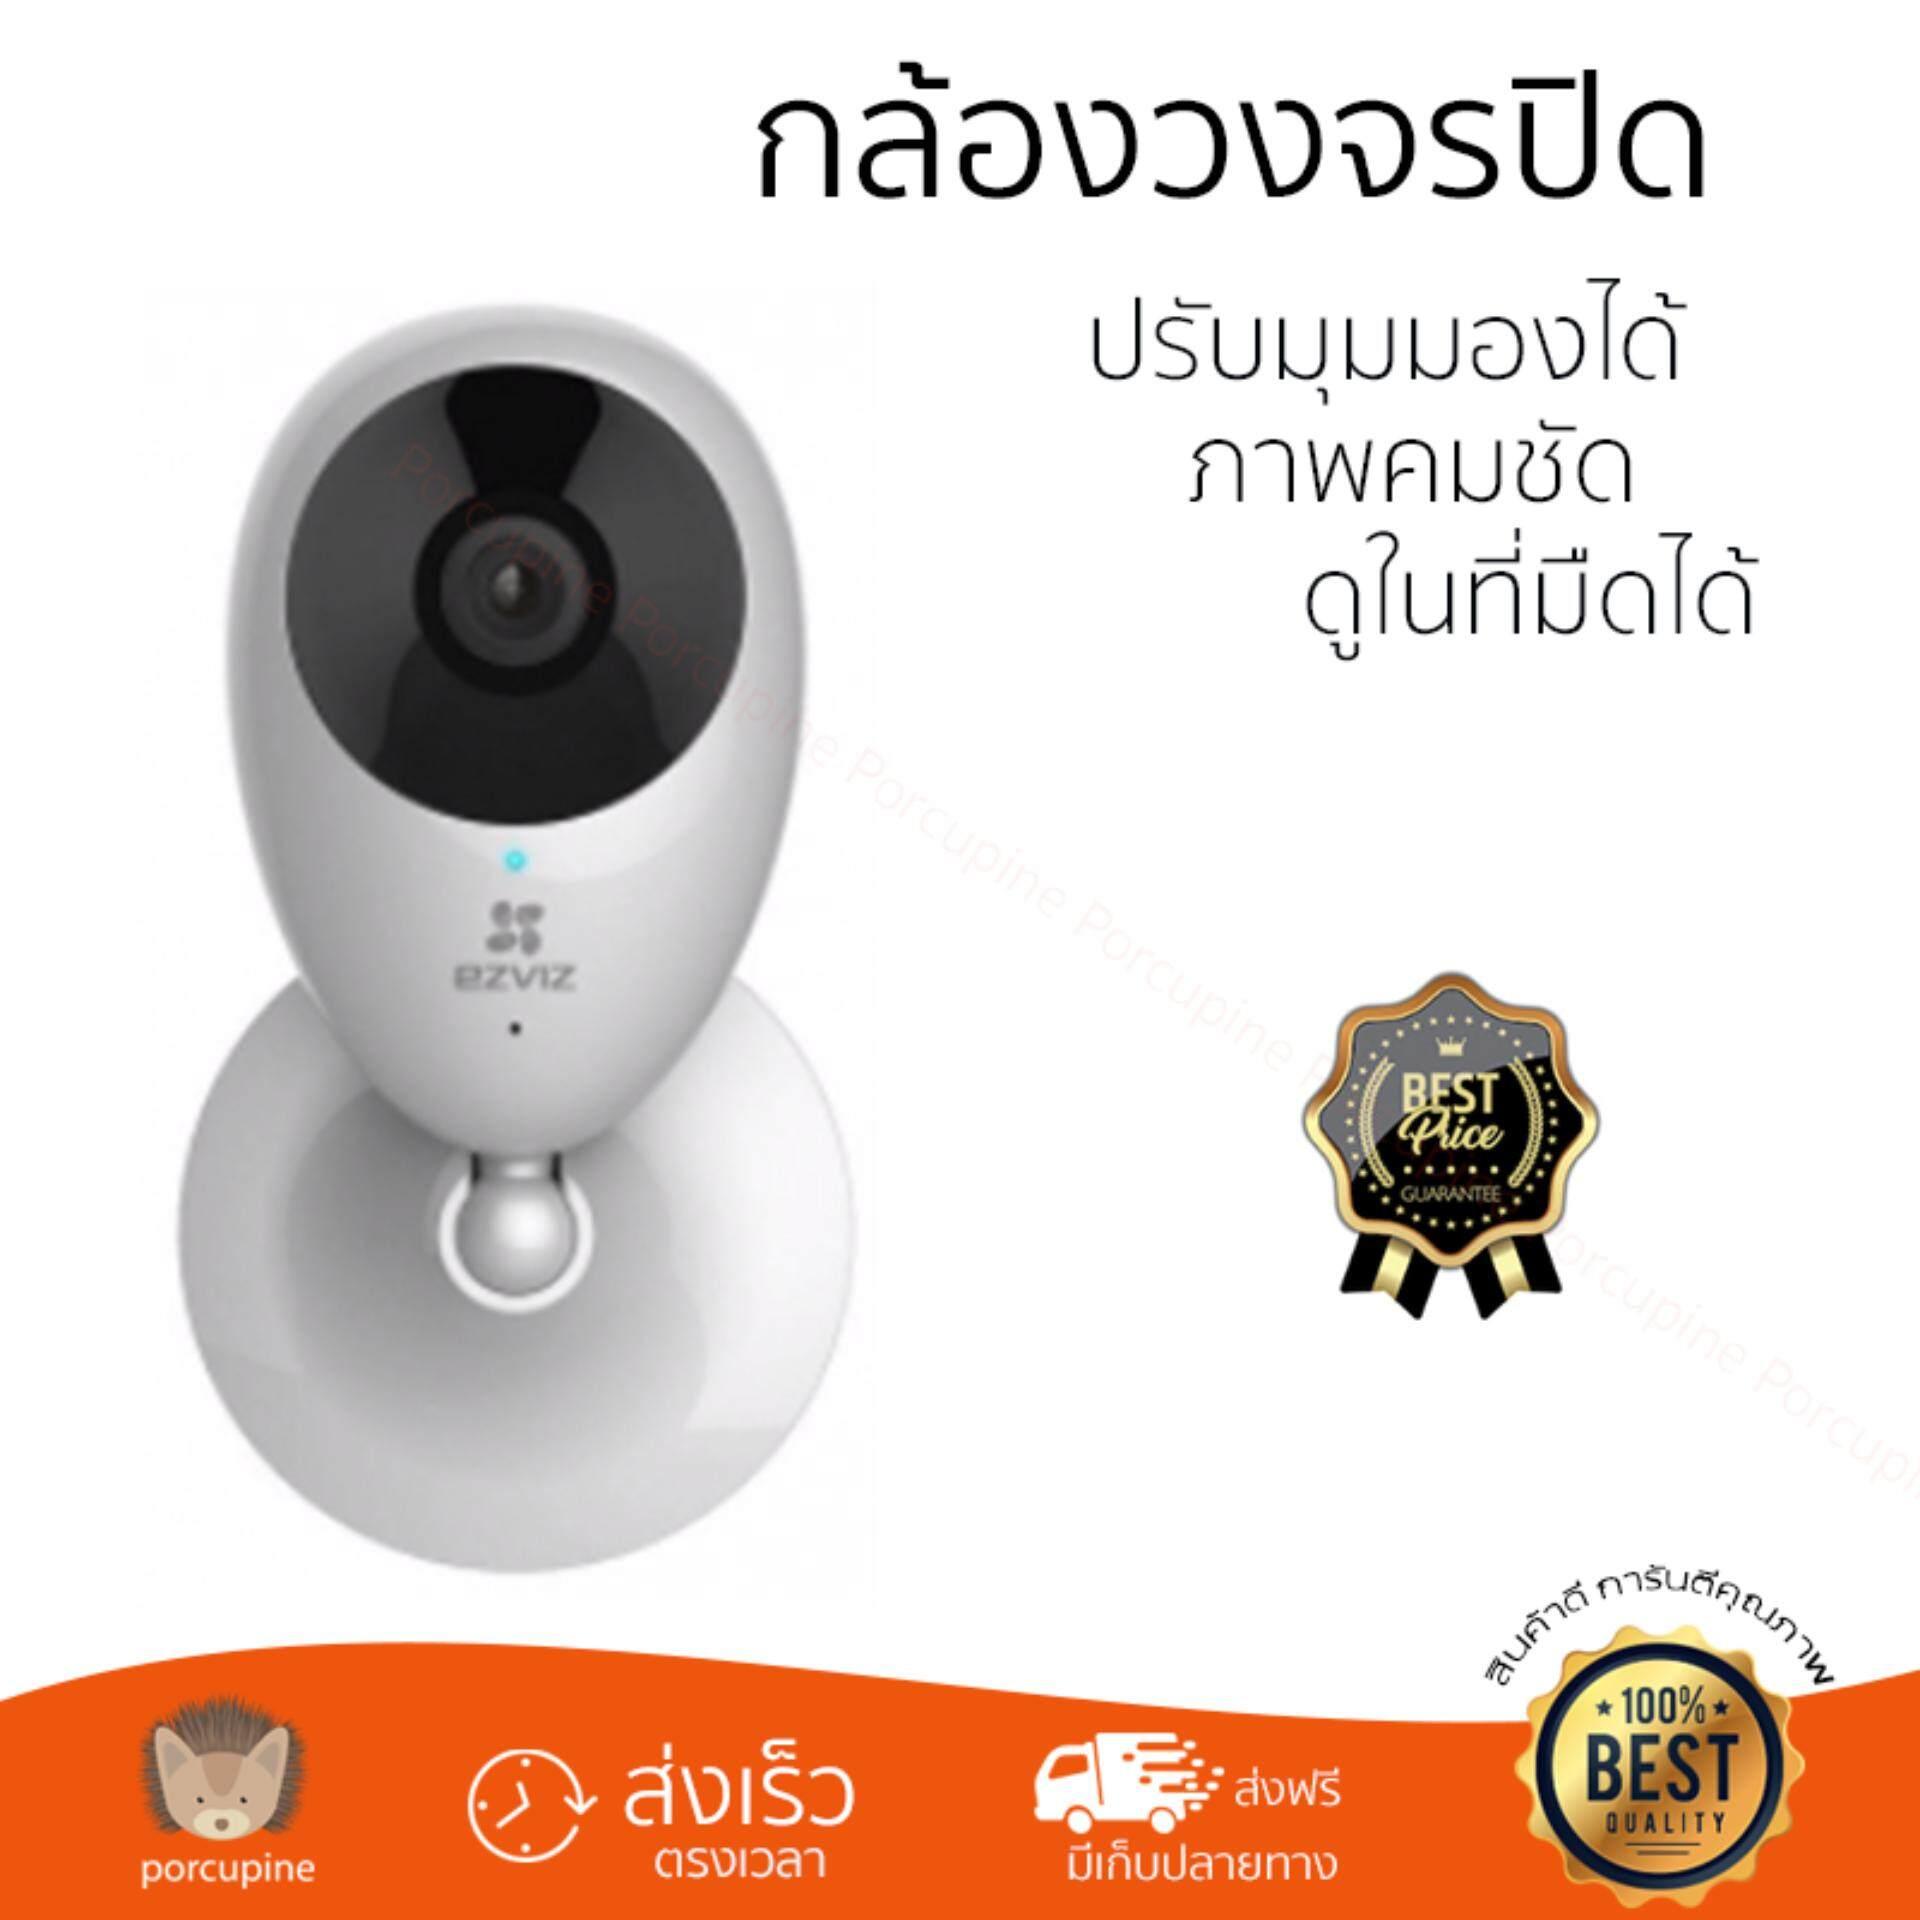 ลดสุดๆ โปรโมชัน กล้องวงจรปิด           EZVIZ กล้องวงจรปิด (สีขาว) รุ่น Mini O C2C             ภาพคมชัด ปรับมุมมองได้ กล้อง IP Camera รับประกันสินค้า 1 ปี จัดส่งฟรี Kerry ทั่วประเทศ